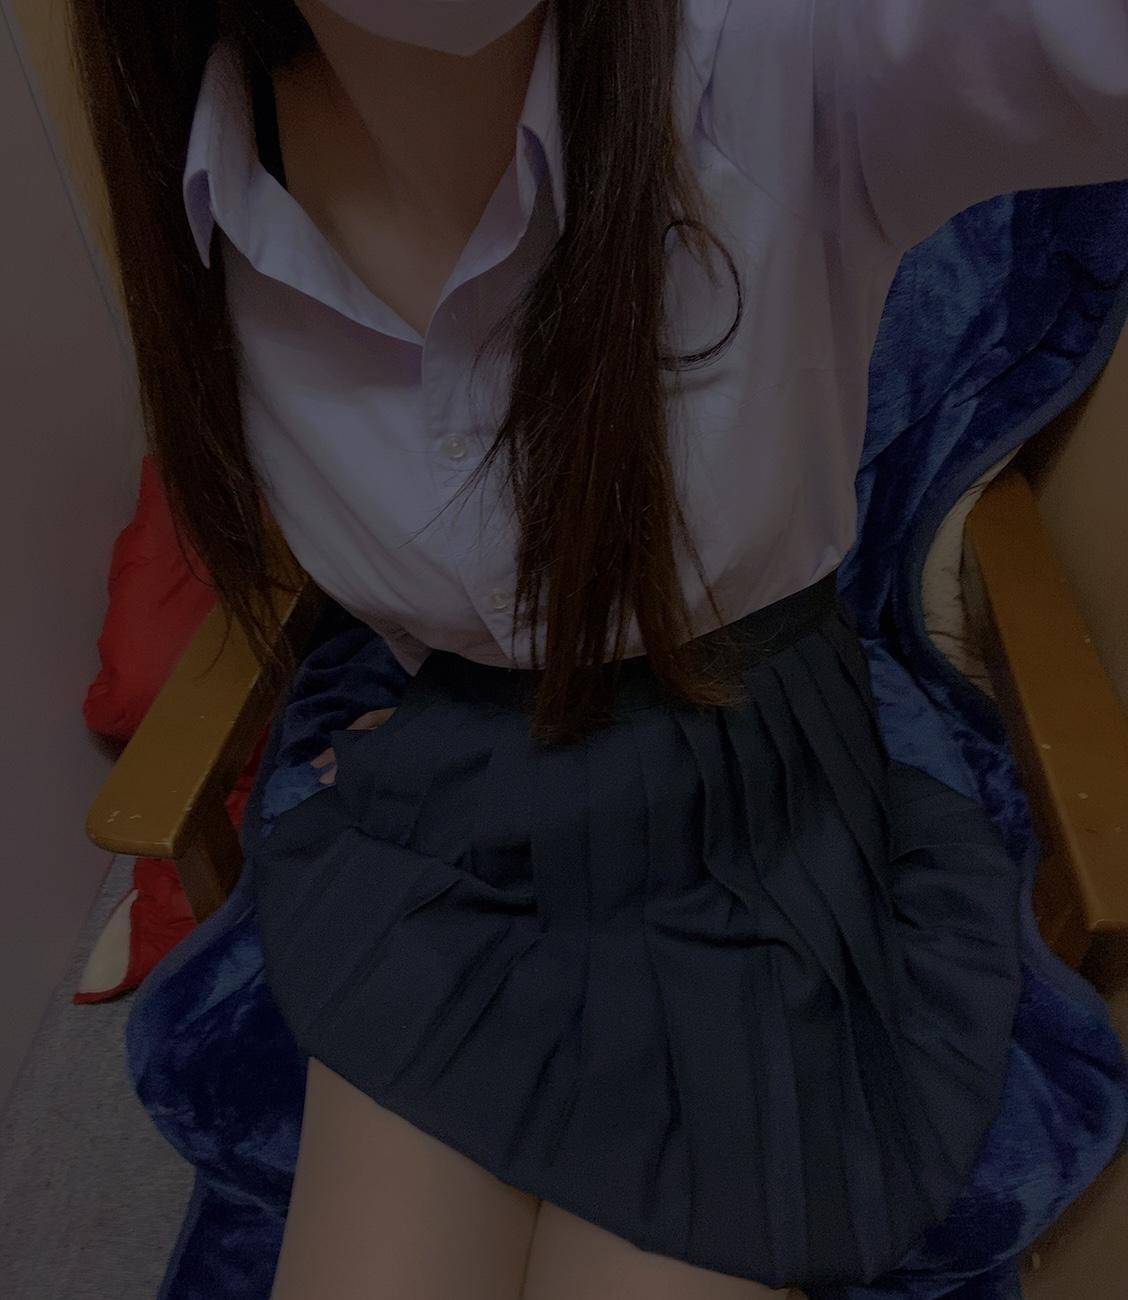 「お疲れ様です(*˘ ˘*)」04/13(04/13) 15:37   ななせの写メ・風俗動画